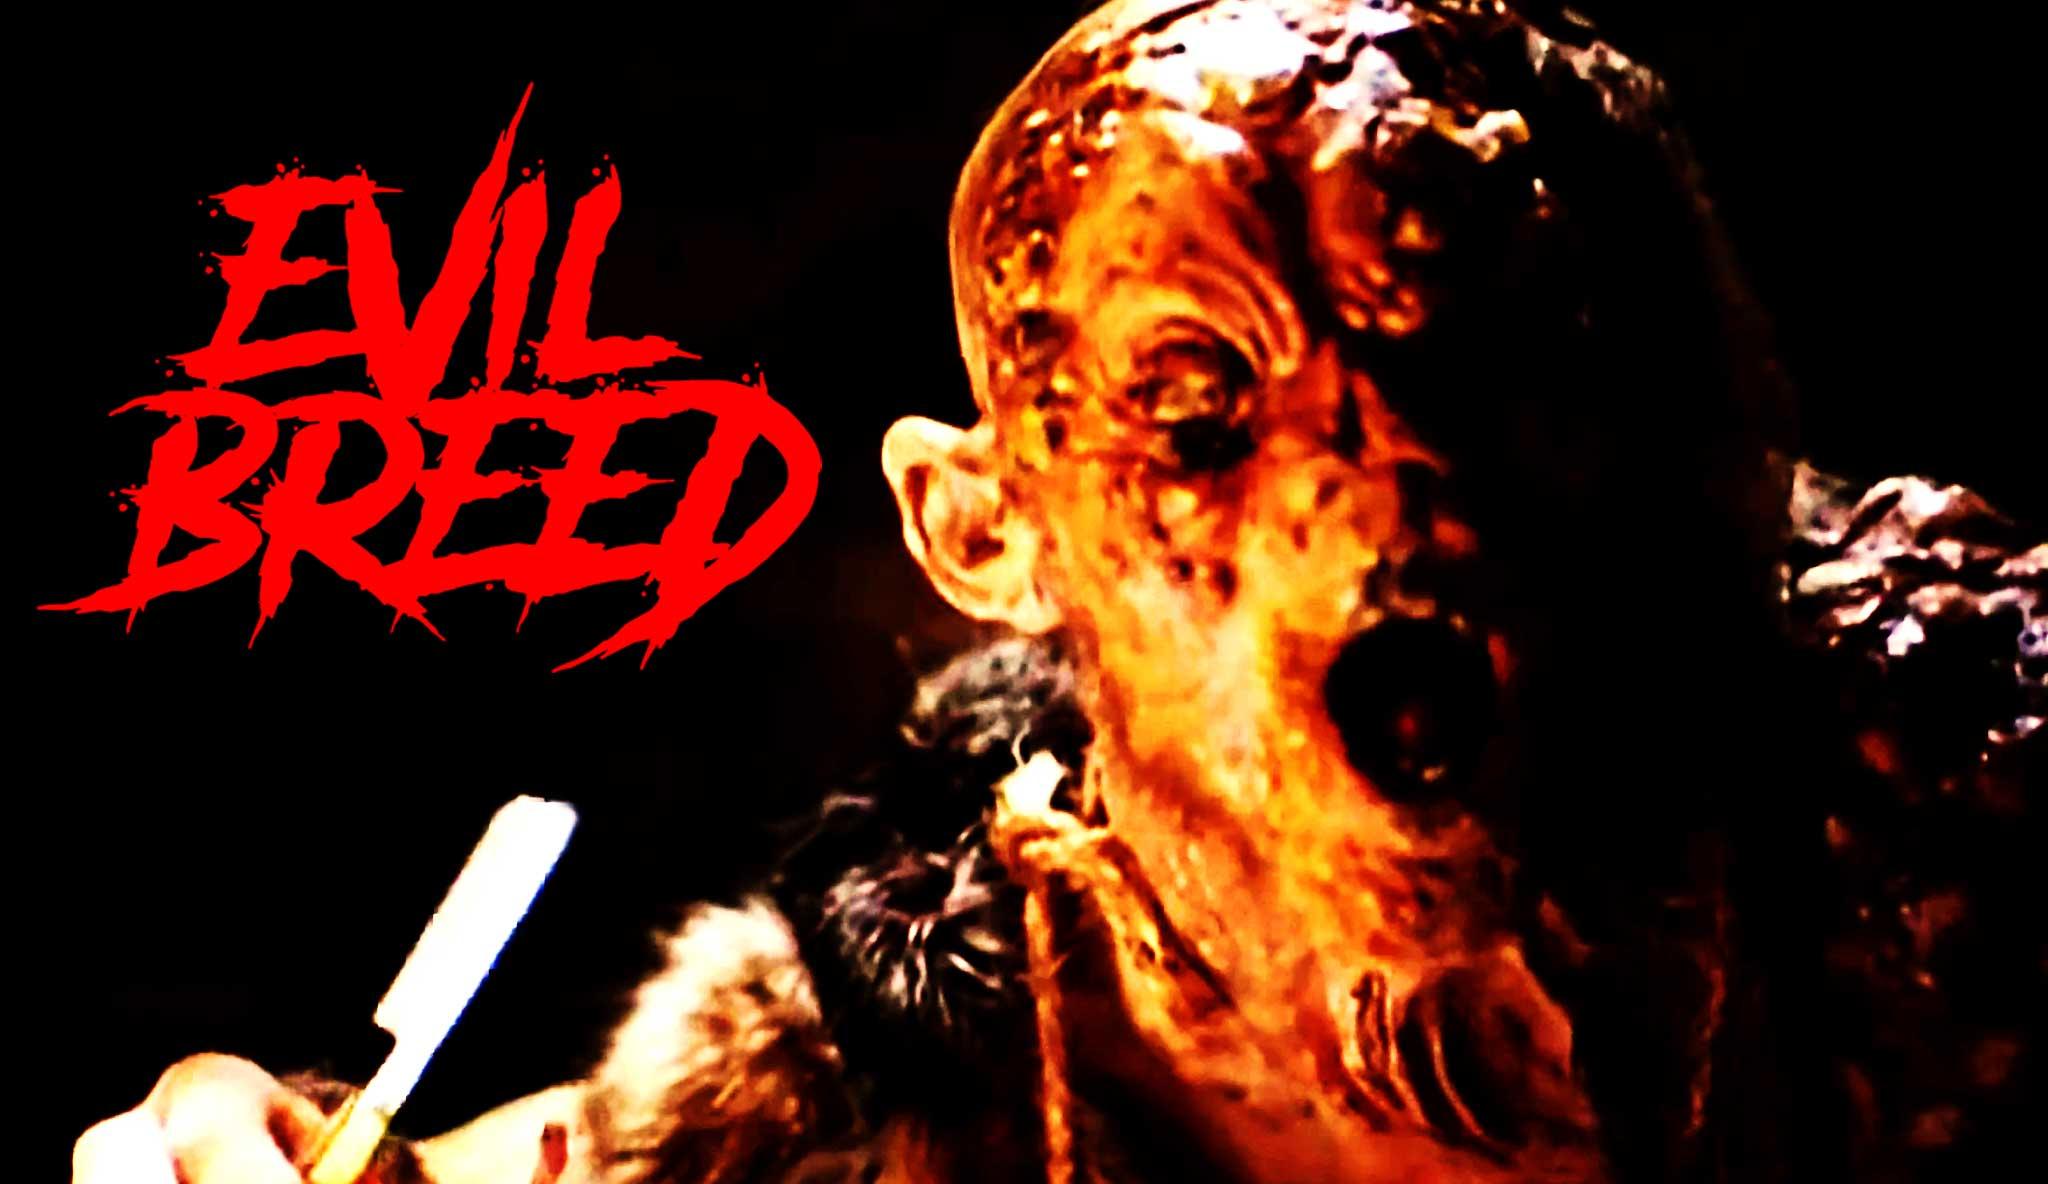 evil-breed-the-legend-of-samhain\header.jpg